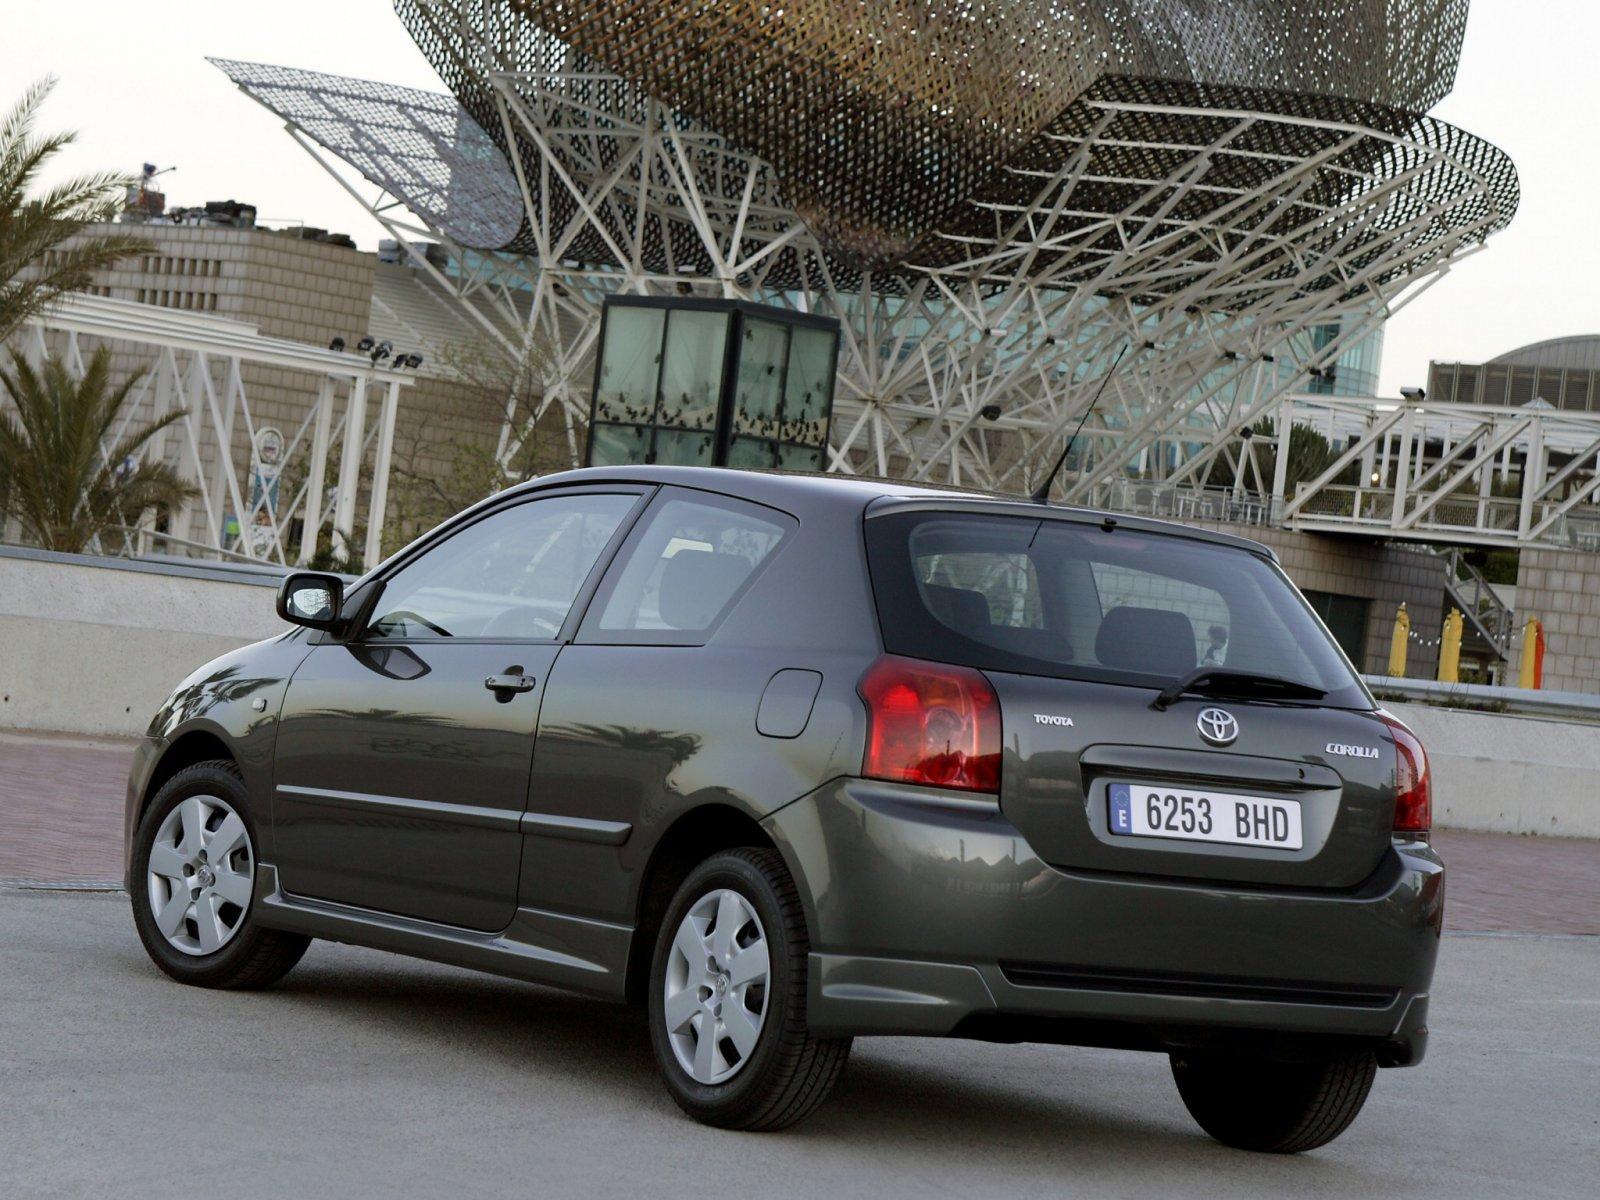 Toyota (Тойота) Corolla 2004-2007 г.